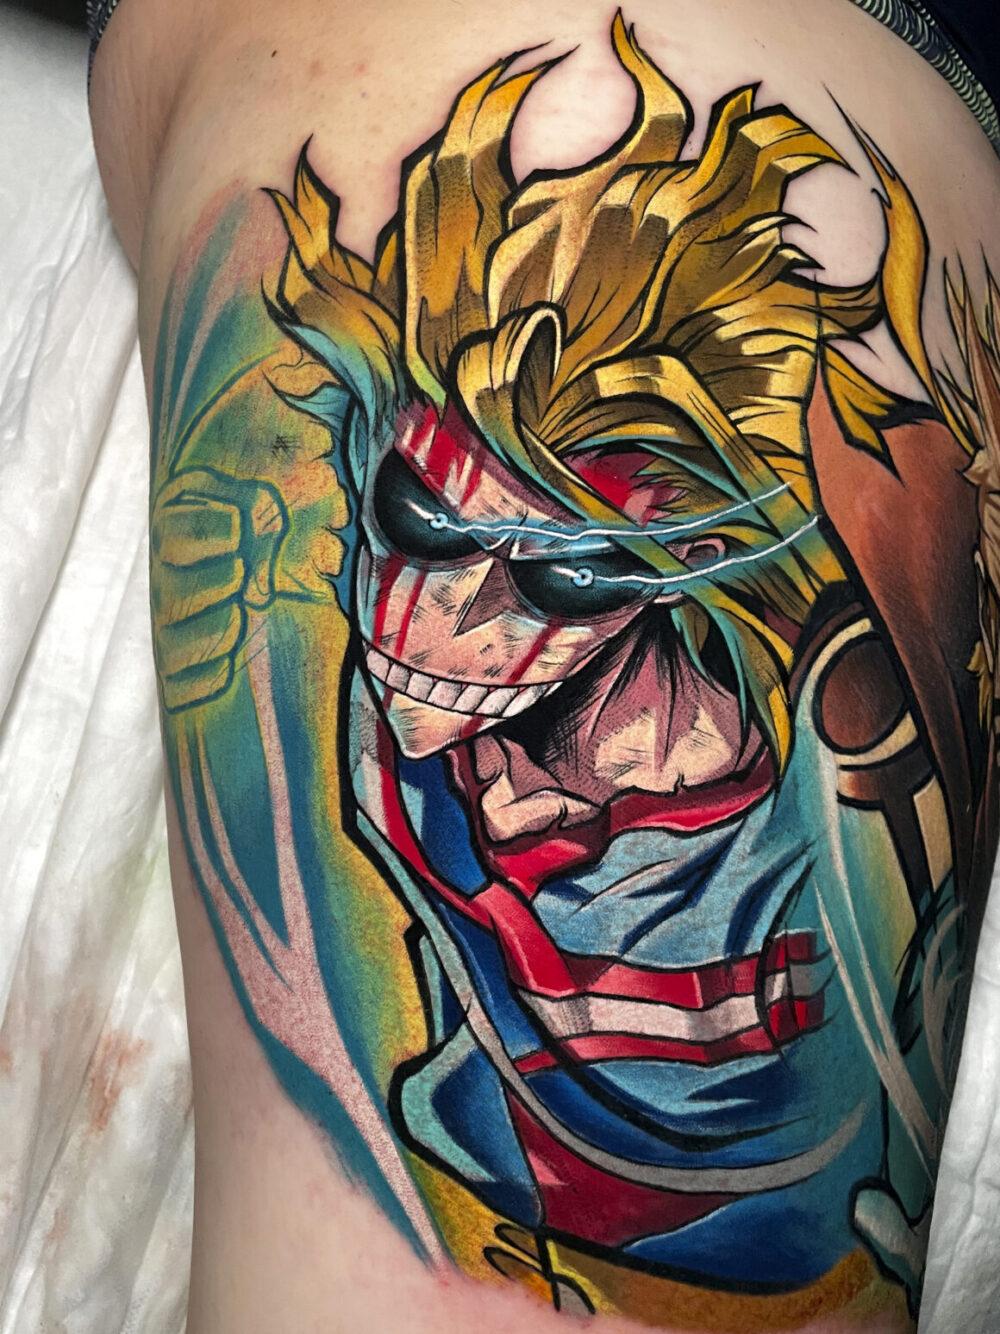 Iván Pelegrín, Gotham Tattoo, Madrid, Spain